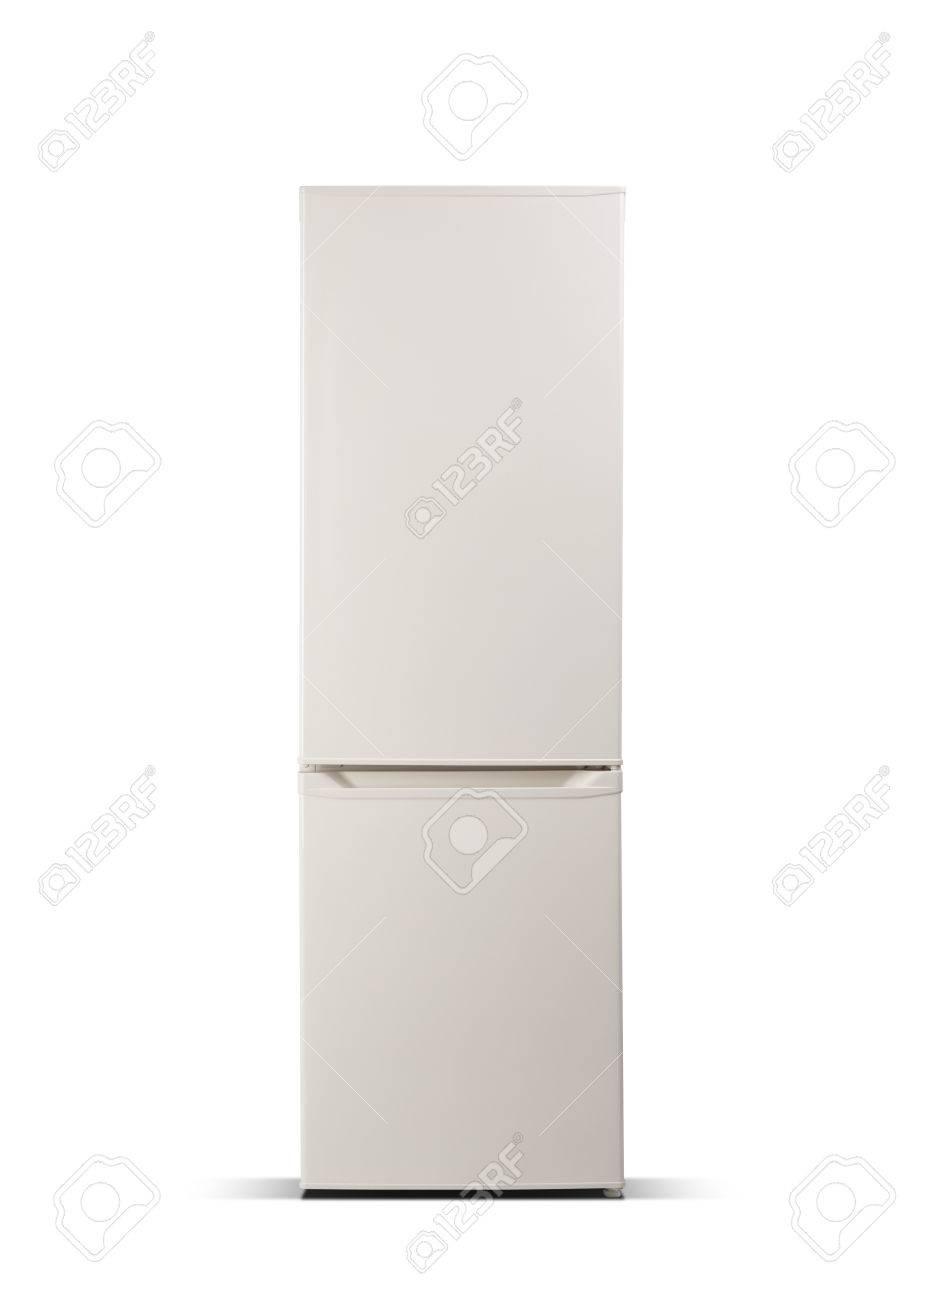 Beige Kühlschrank Isoliert Auf Weiß. Kühlschrank Mit Gefrierfach ...